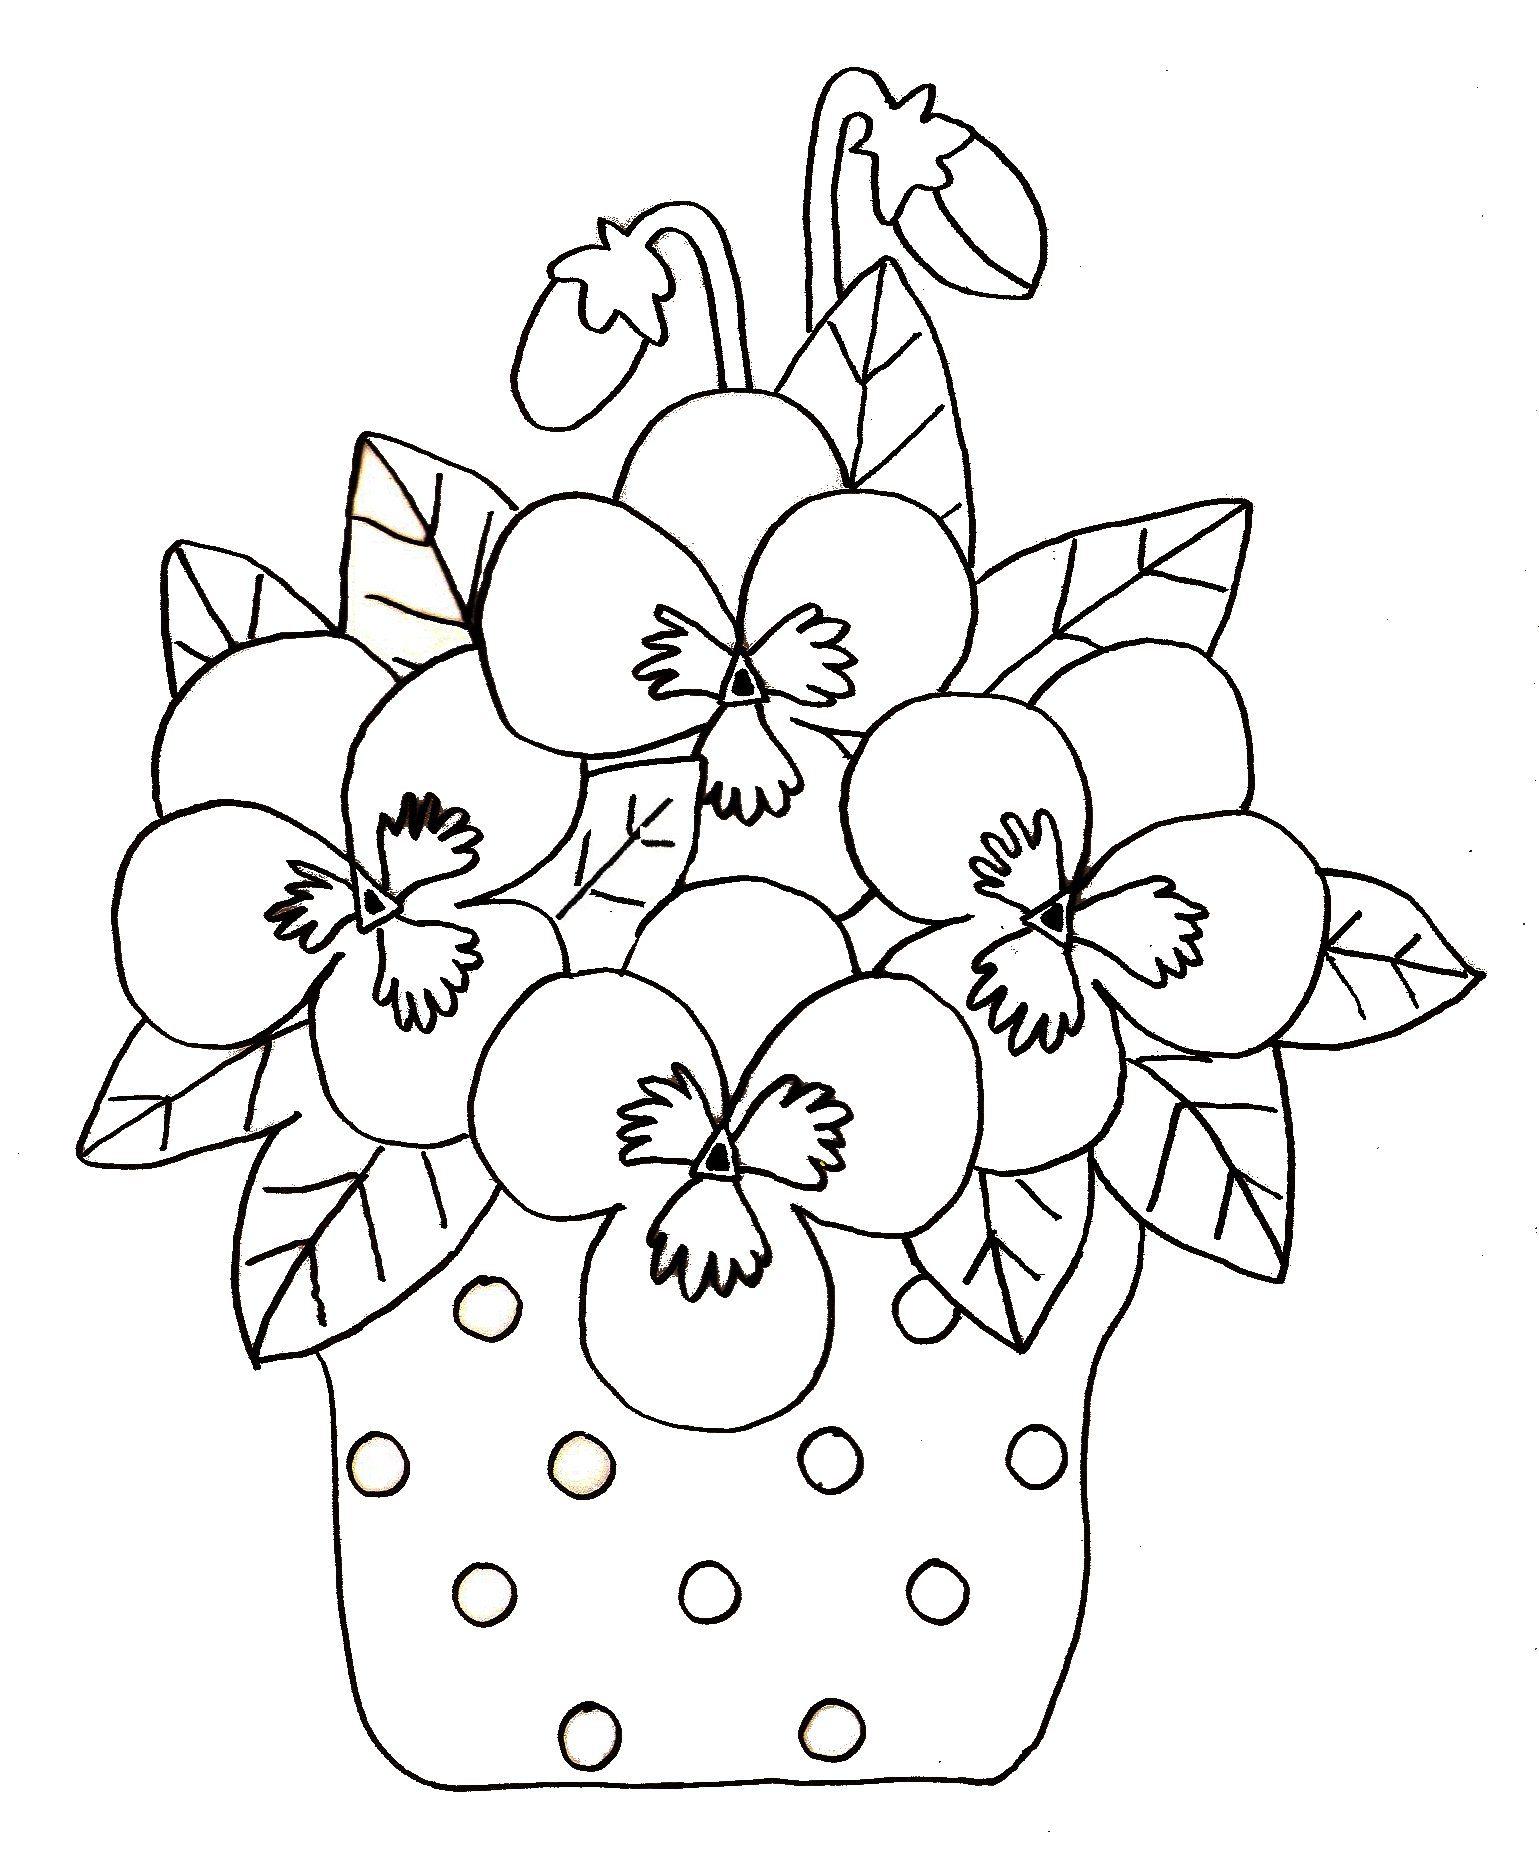 98 dessins de coloriage printemps fleurs imprimer - Coloriage fleurs maternelle ...